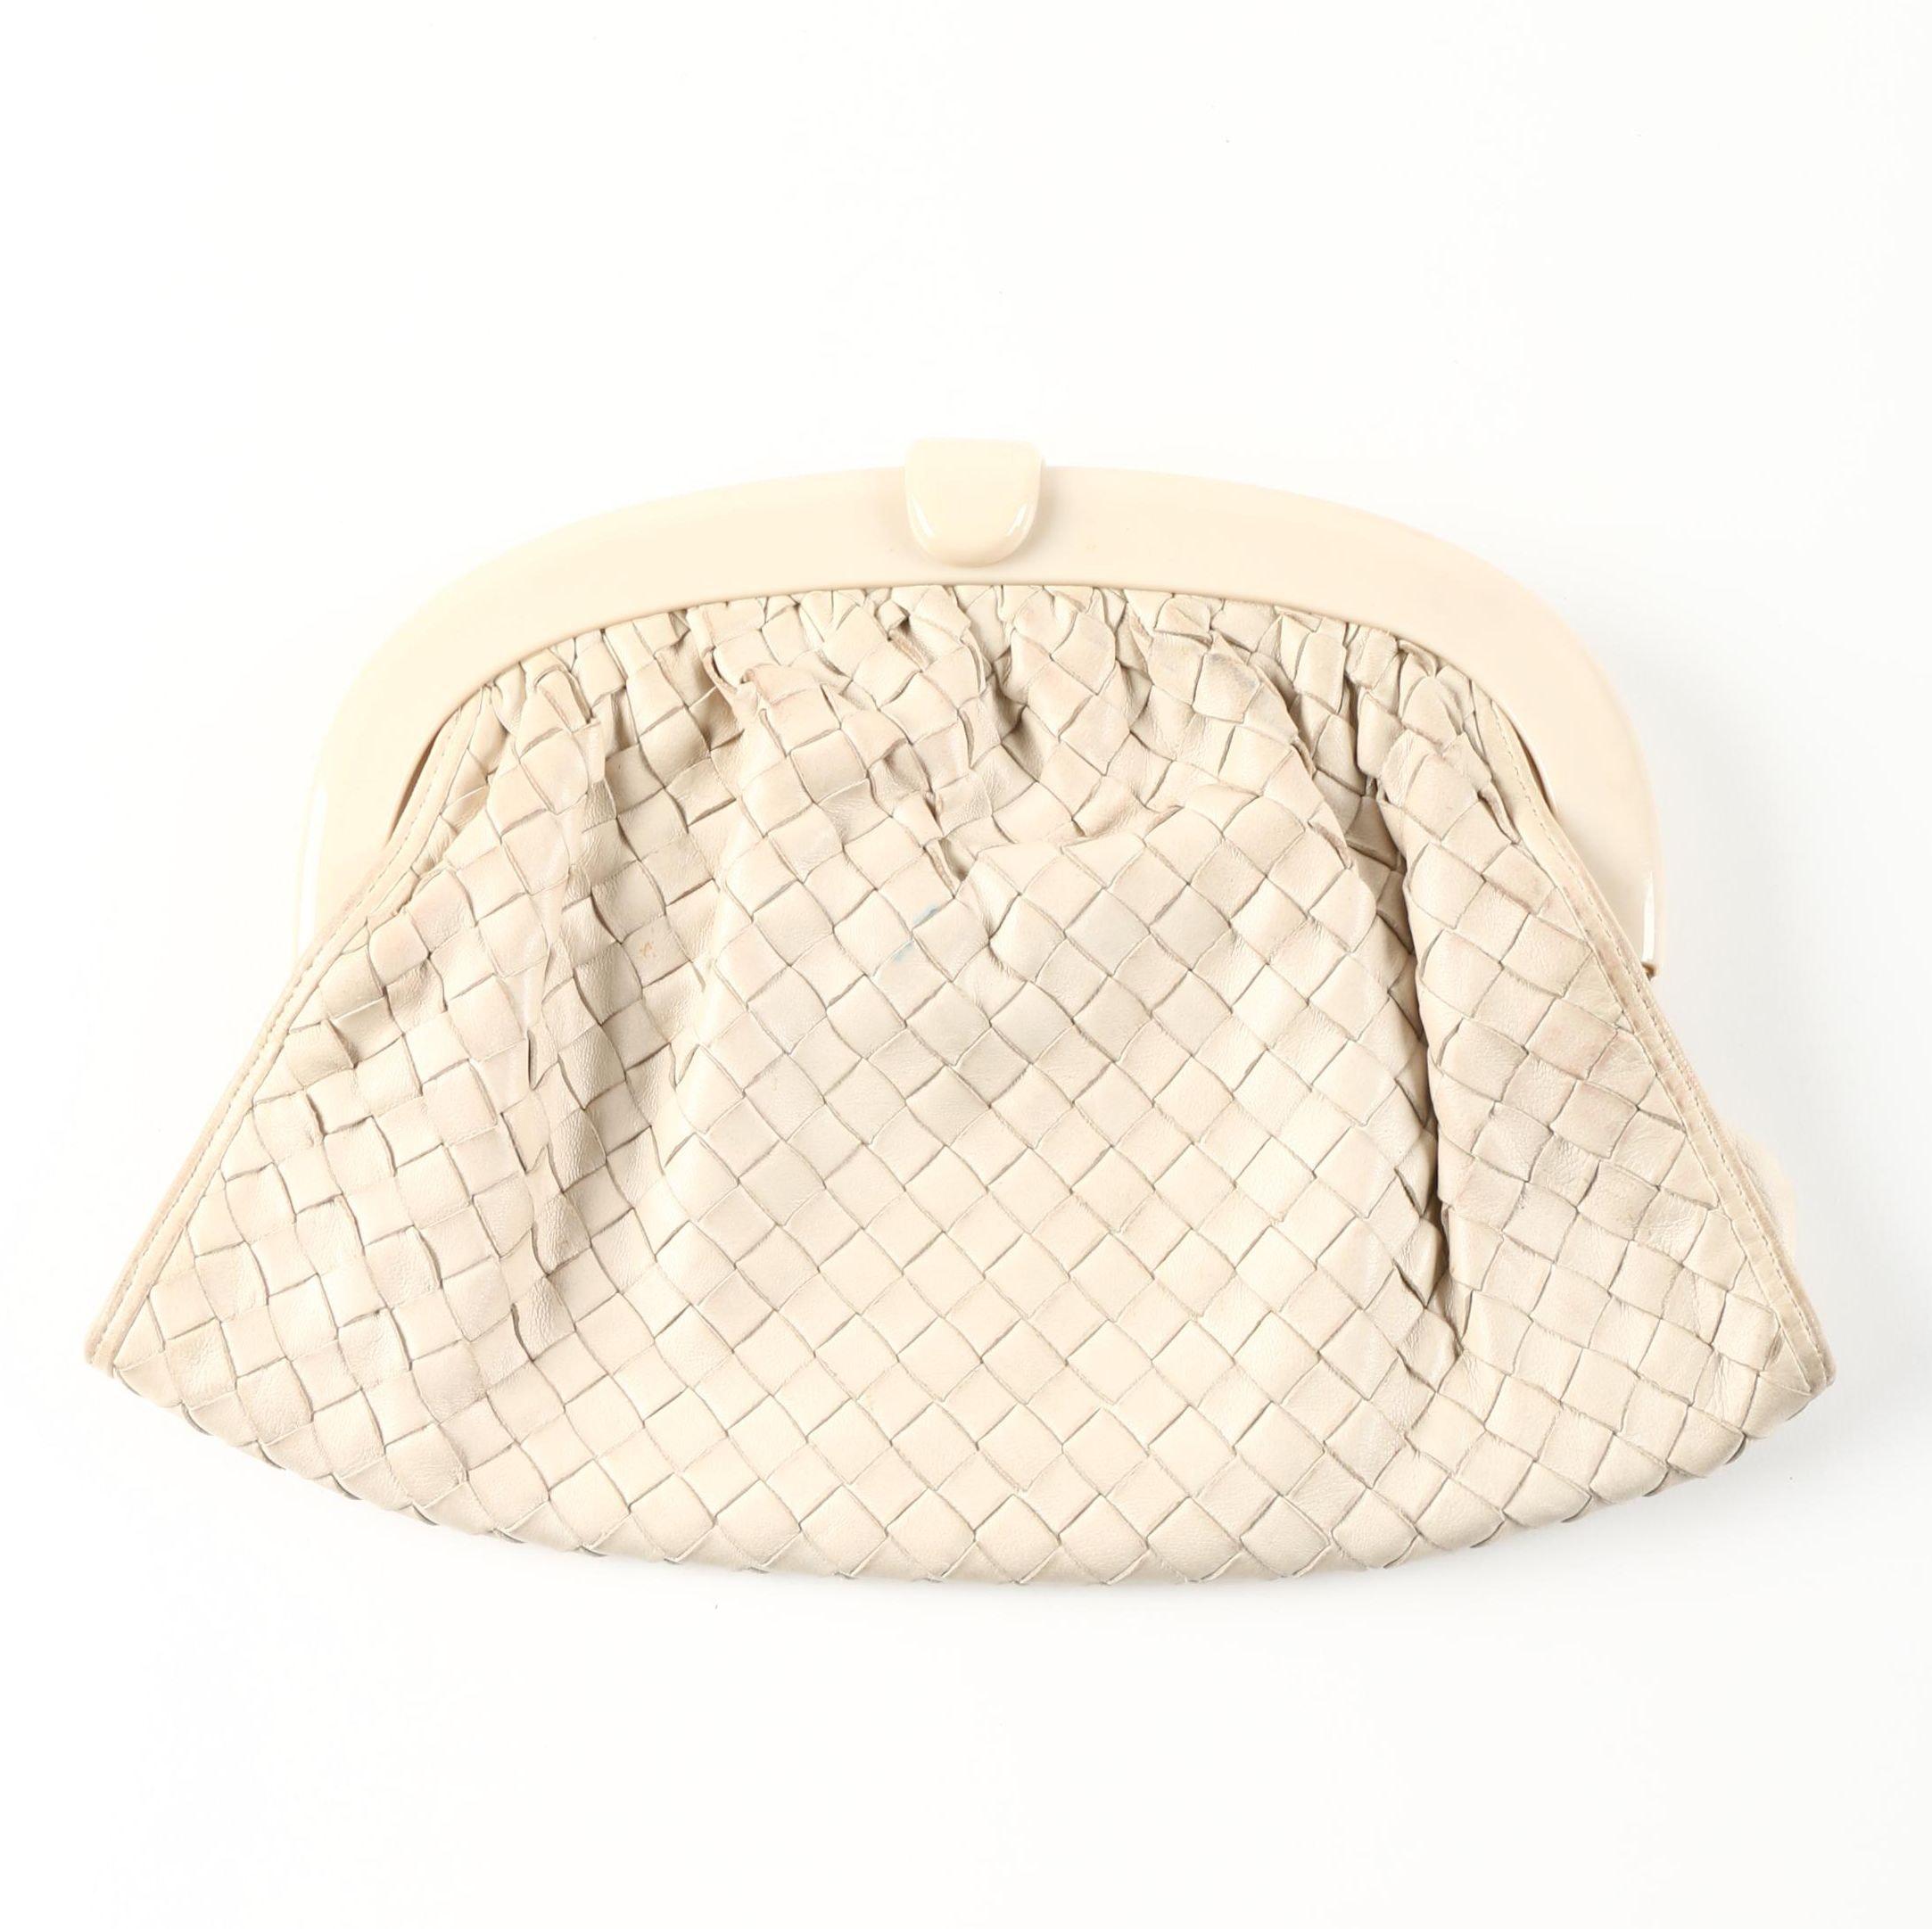 Bottega Veneta Cream Woven Leather Clutch